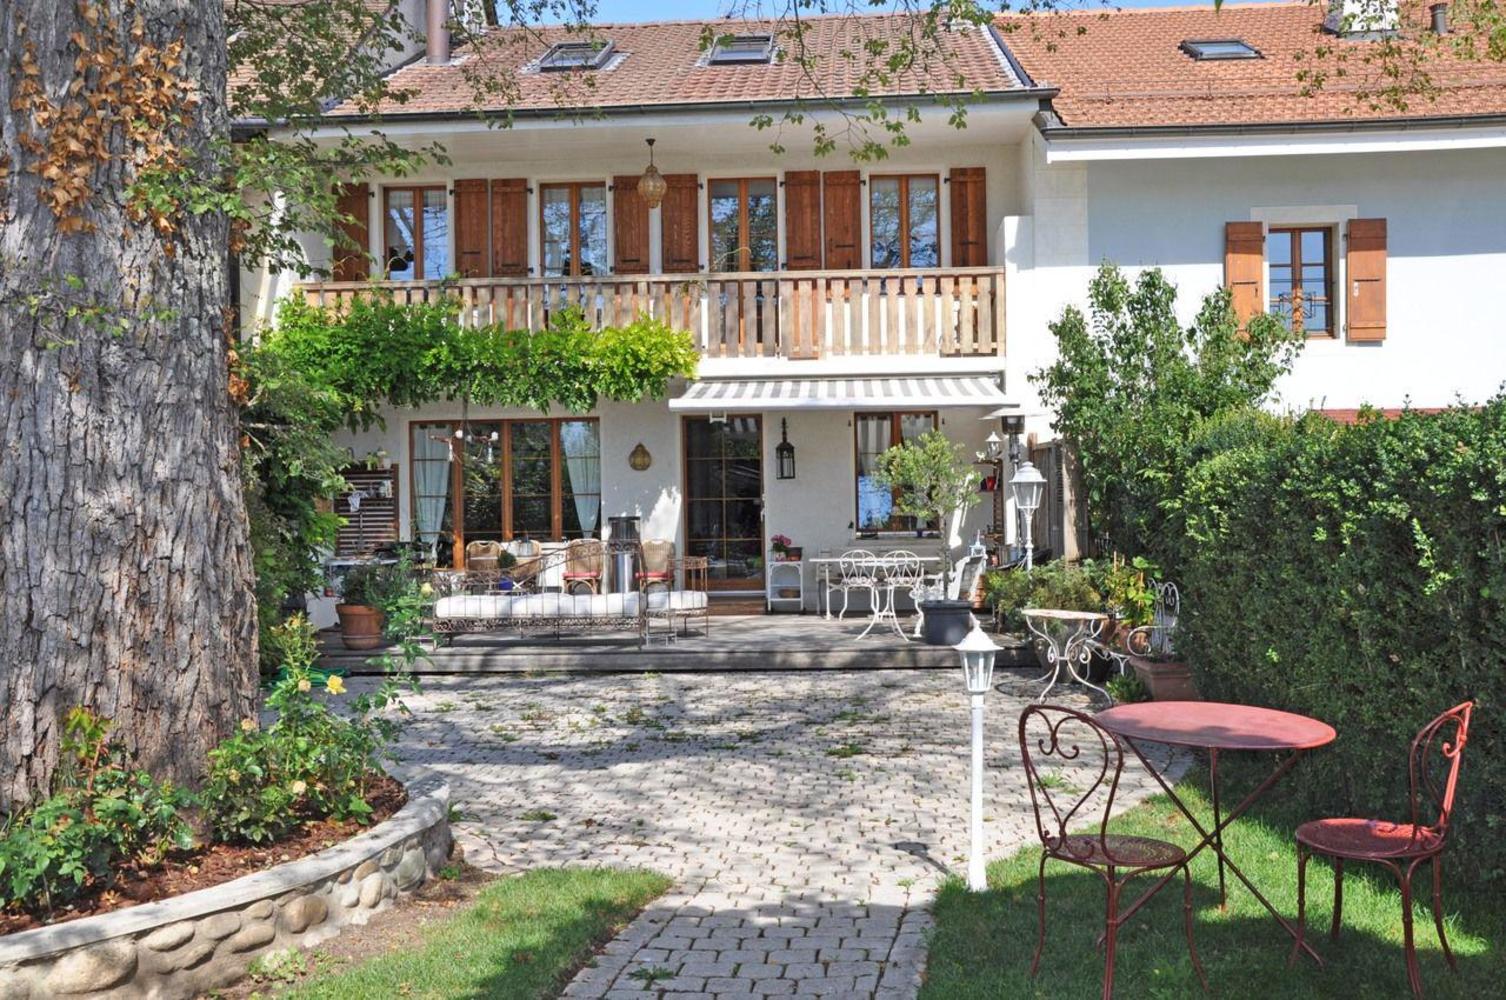 Tres belle maison perfect belle maison rnove la campagne - Tres belle maison de vacances charette ...